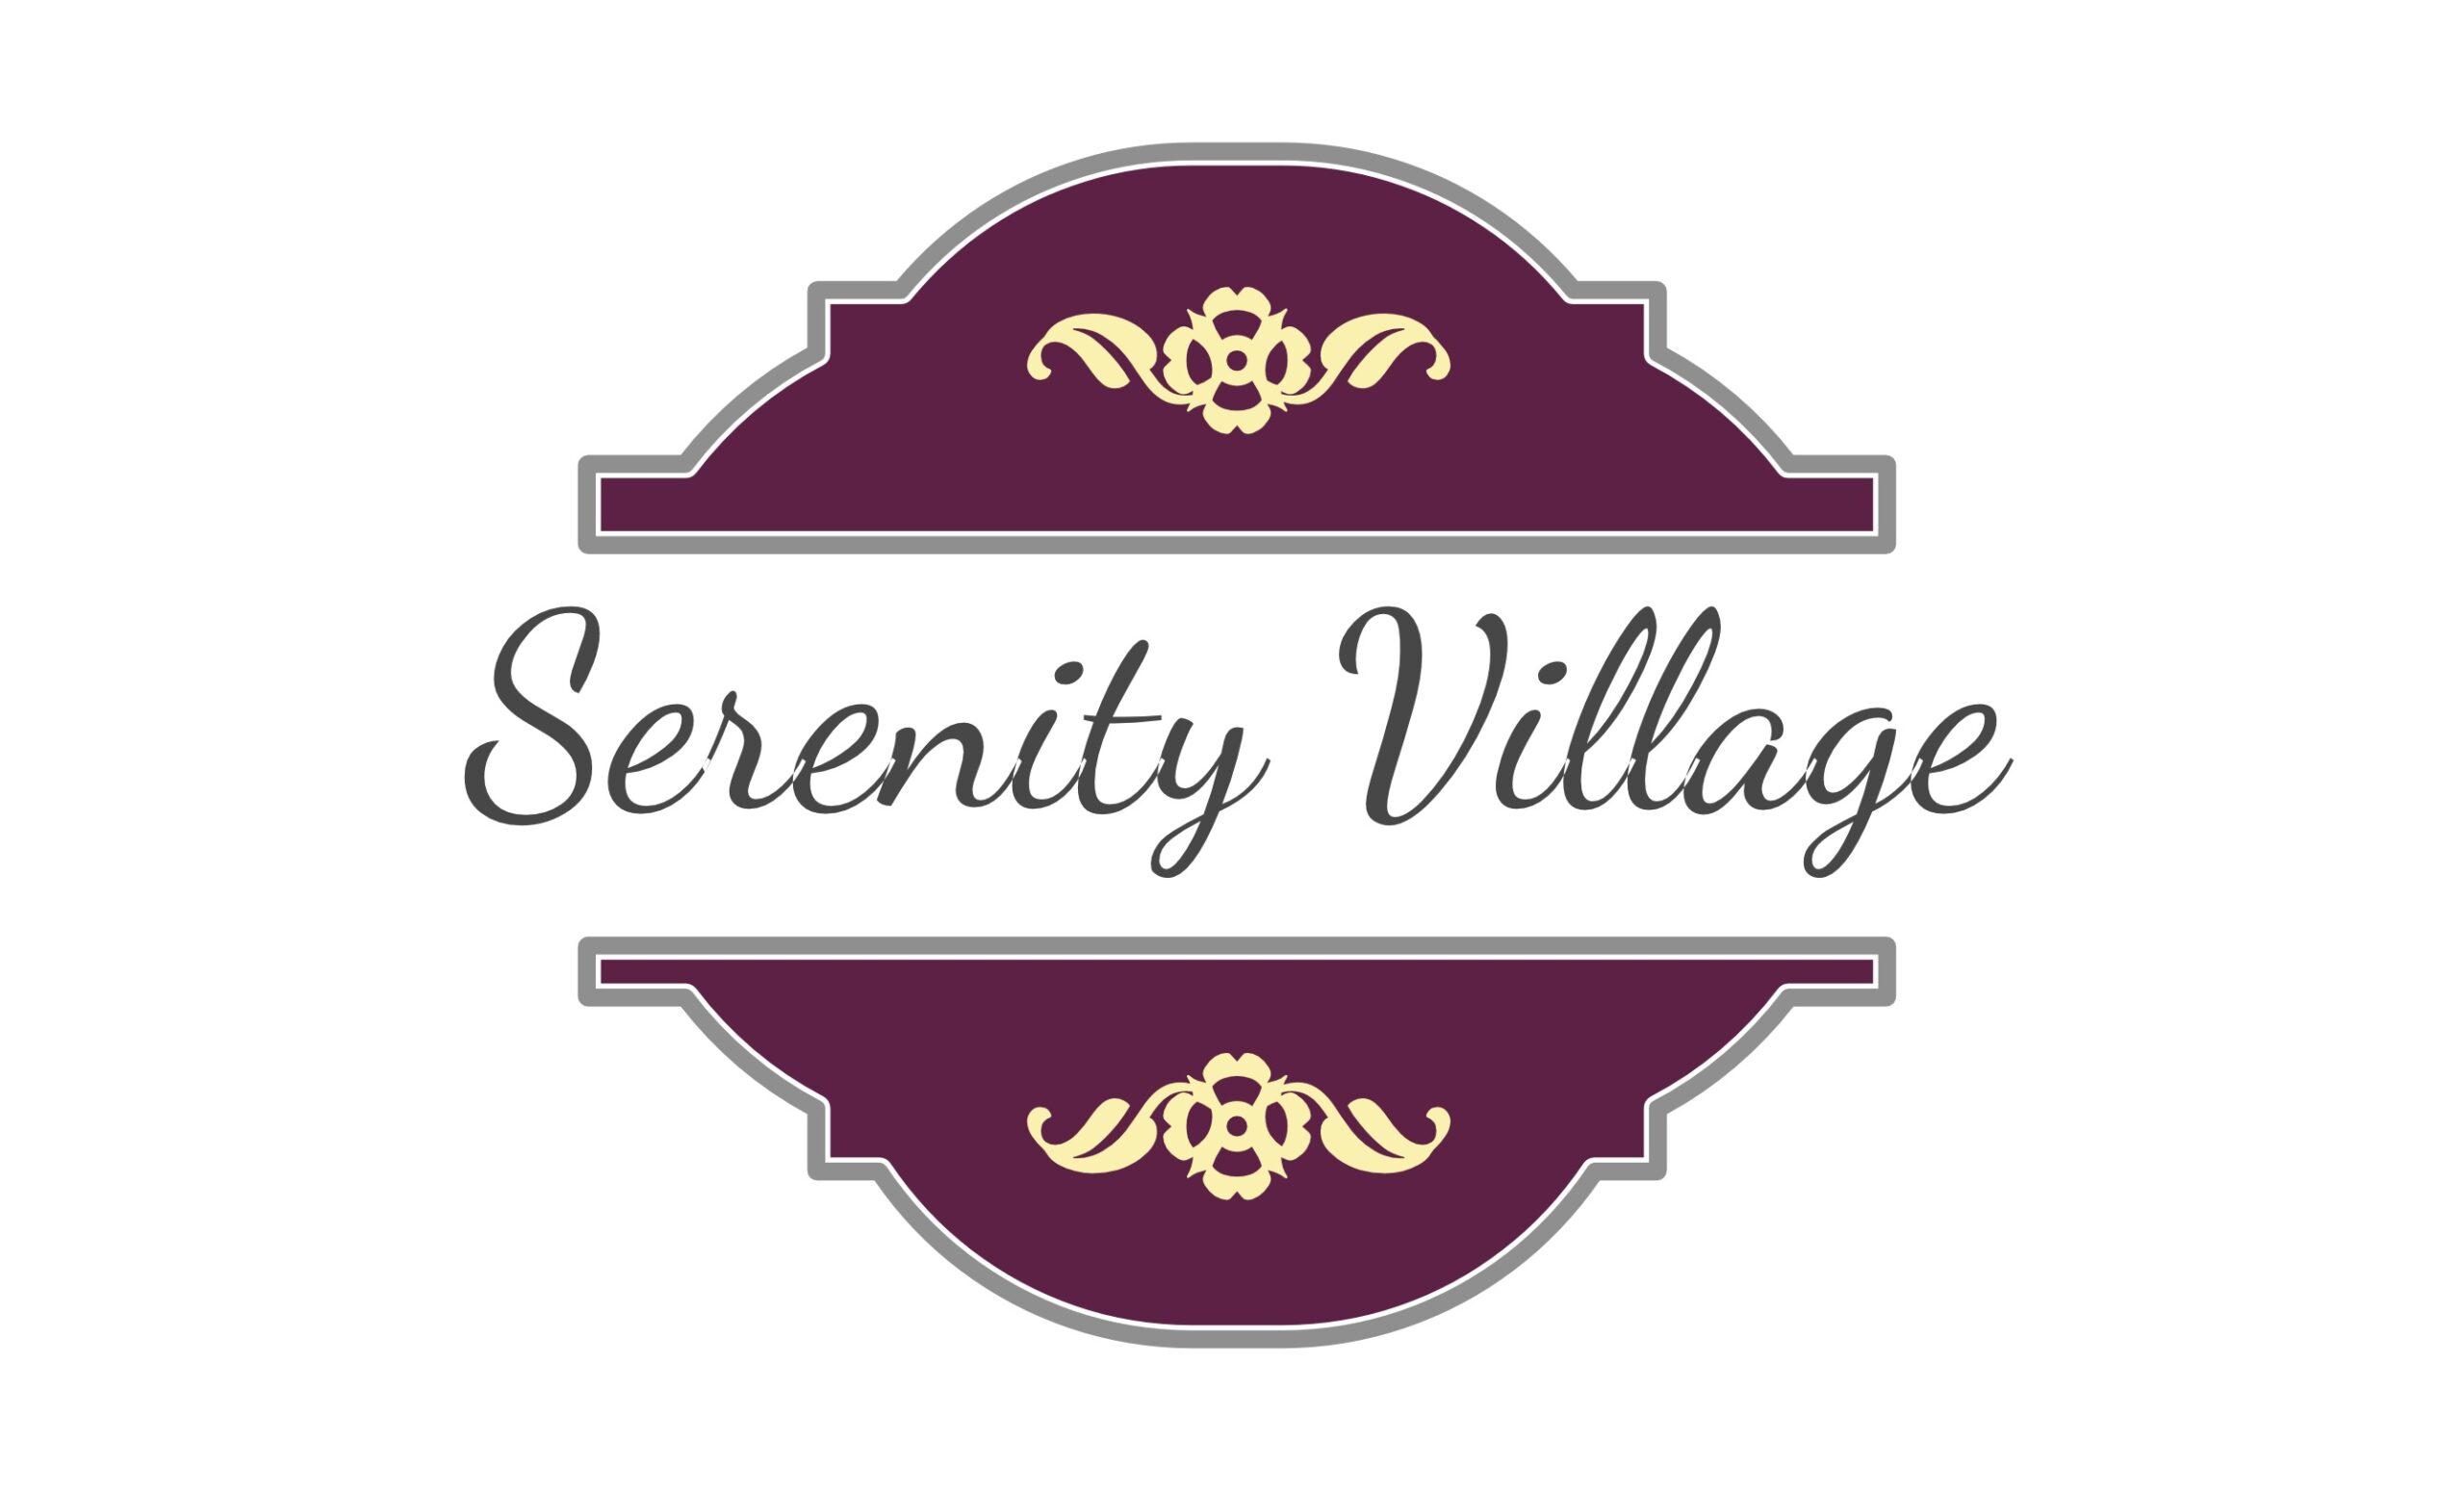 Serenity Village Avon